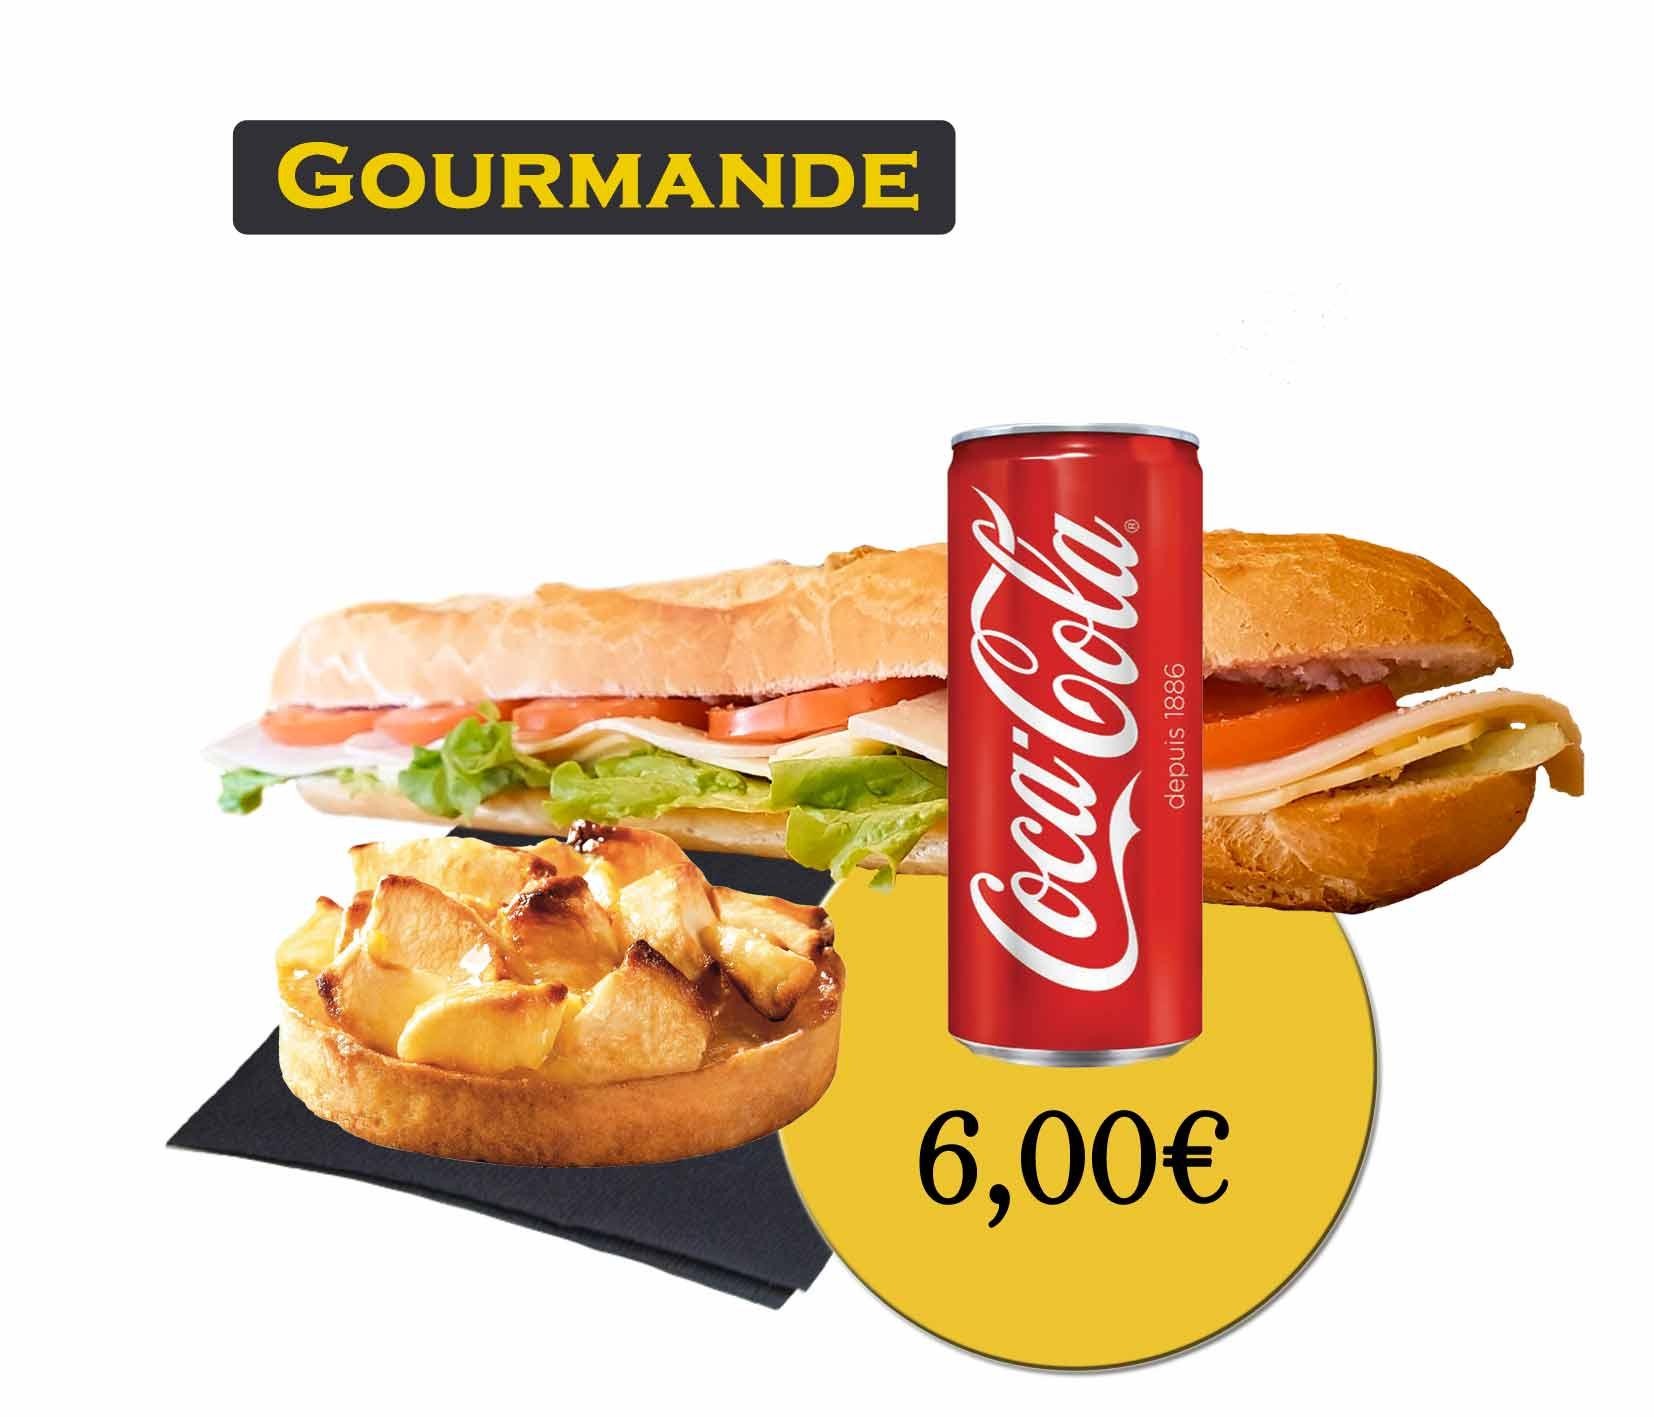 formule gourmande sandwich - En'K - boisson 33cl